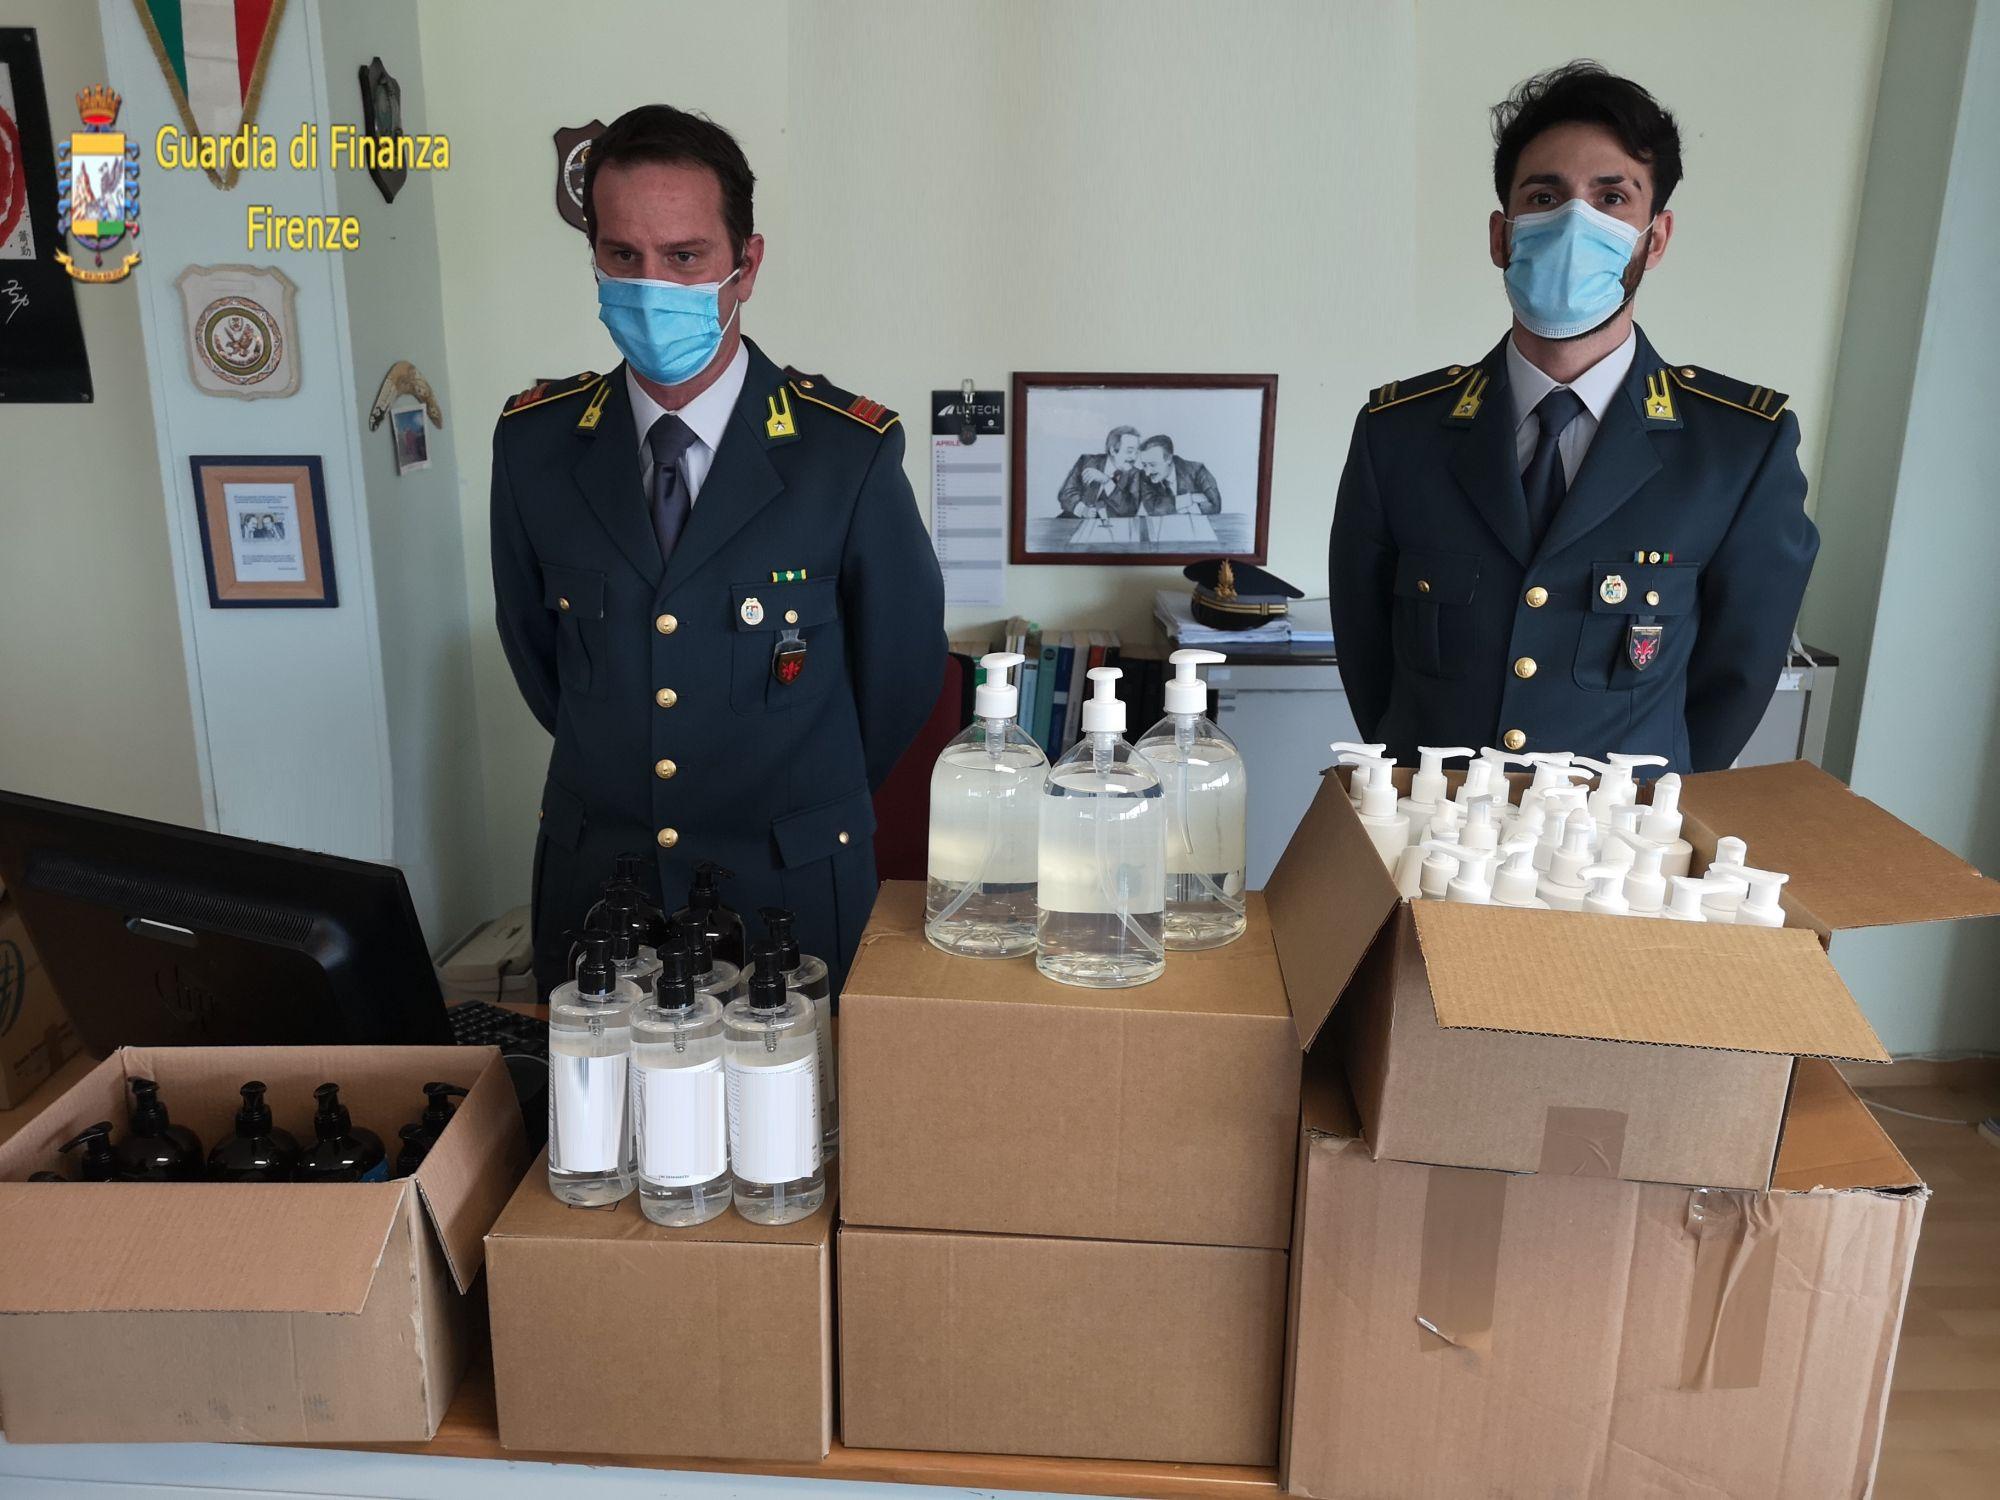 Commercio web di test per diagnosticare il Covid-19 e medicine pericolose: sequestrati i siti